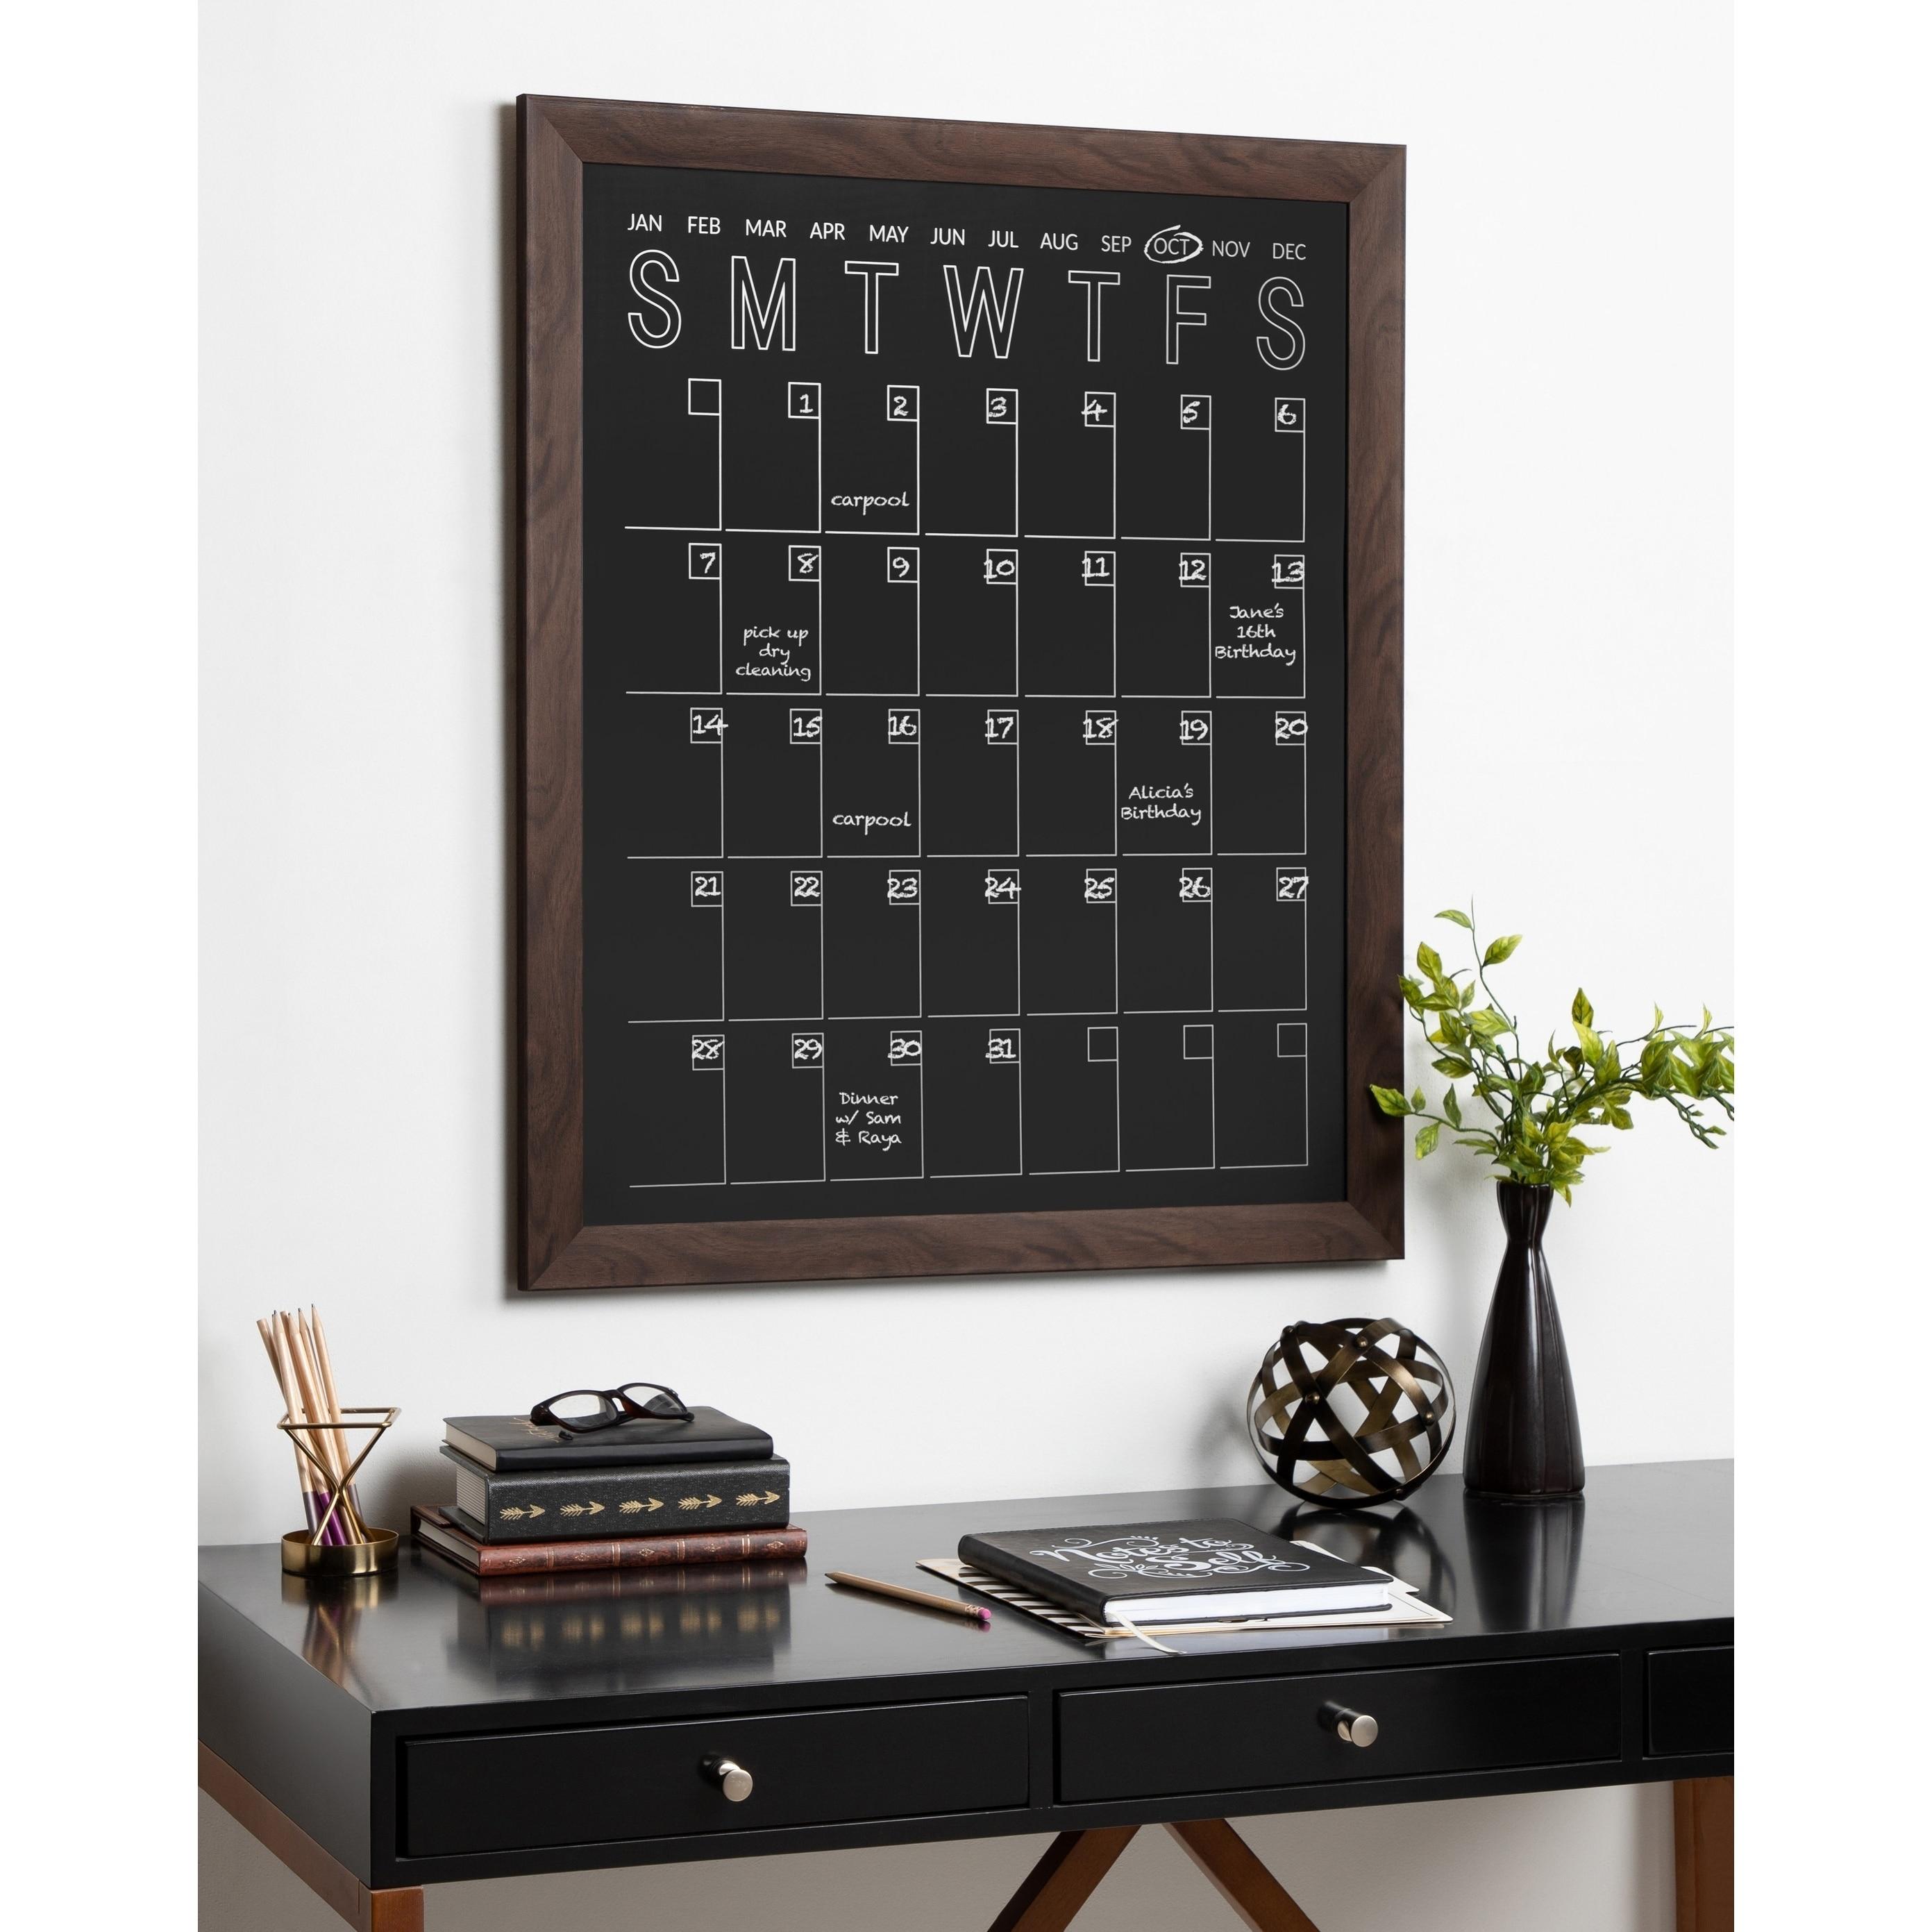 Shop Designovation Beatrice Framed Vertical Magnetic Chalkboard